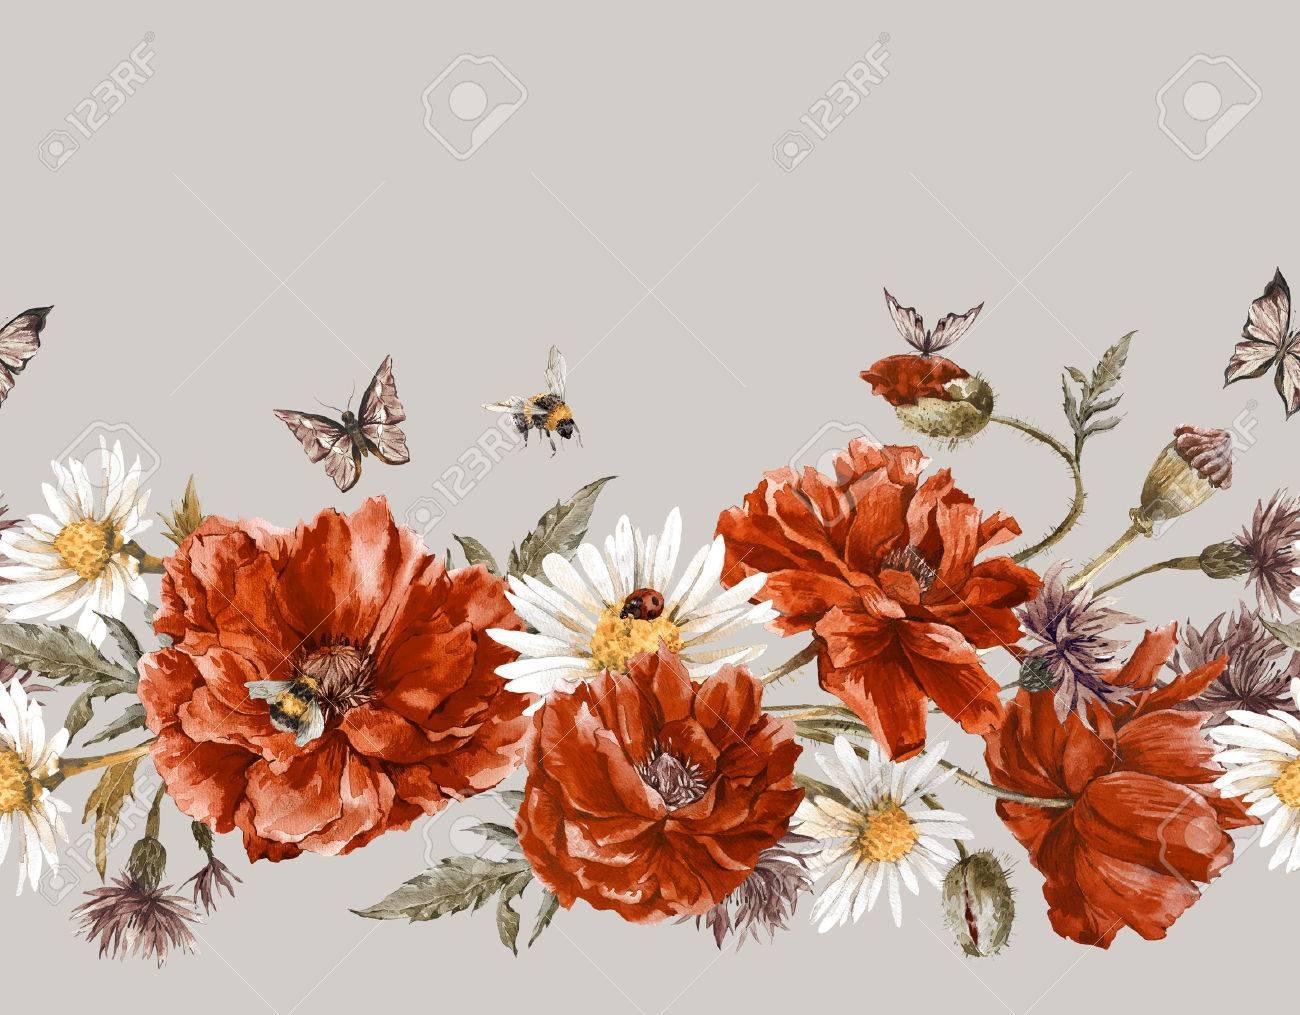 Rode vlinder royalty vrije foto's, plaatjes, beelden en stock ...